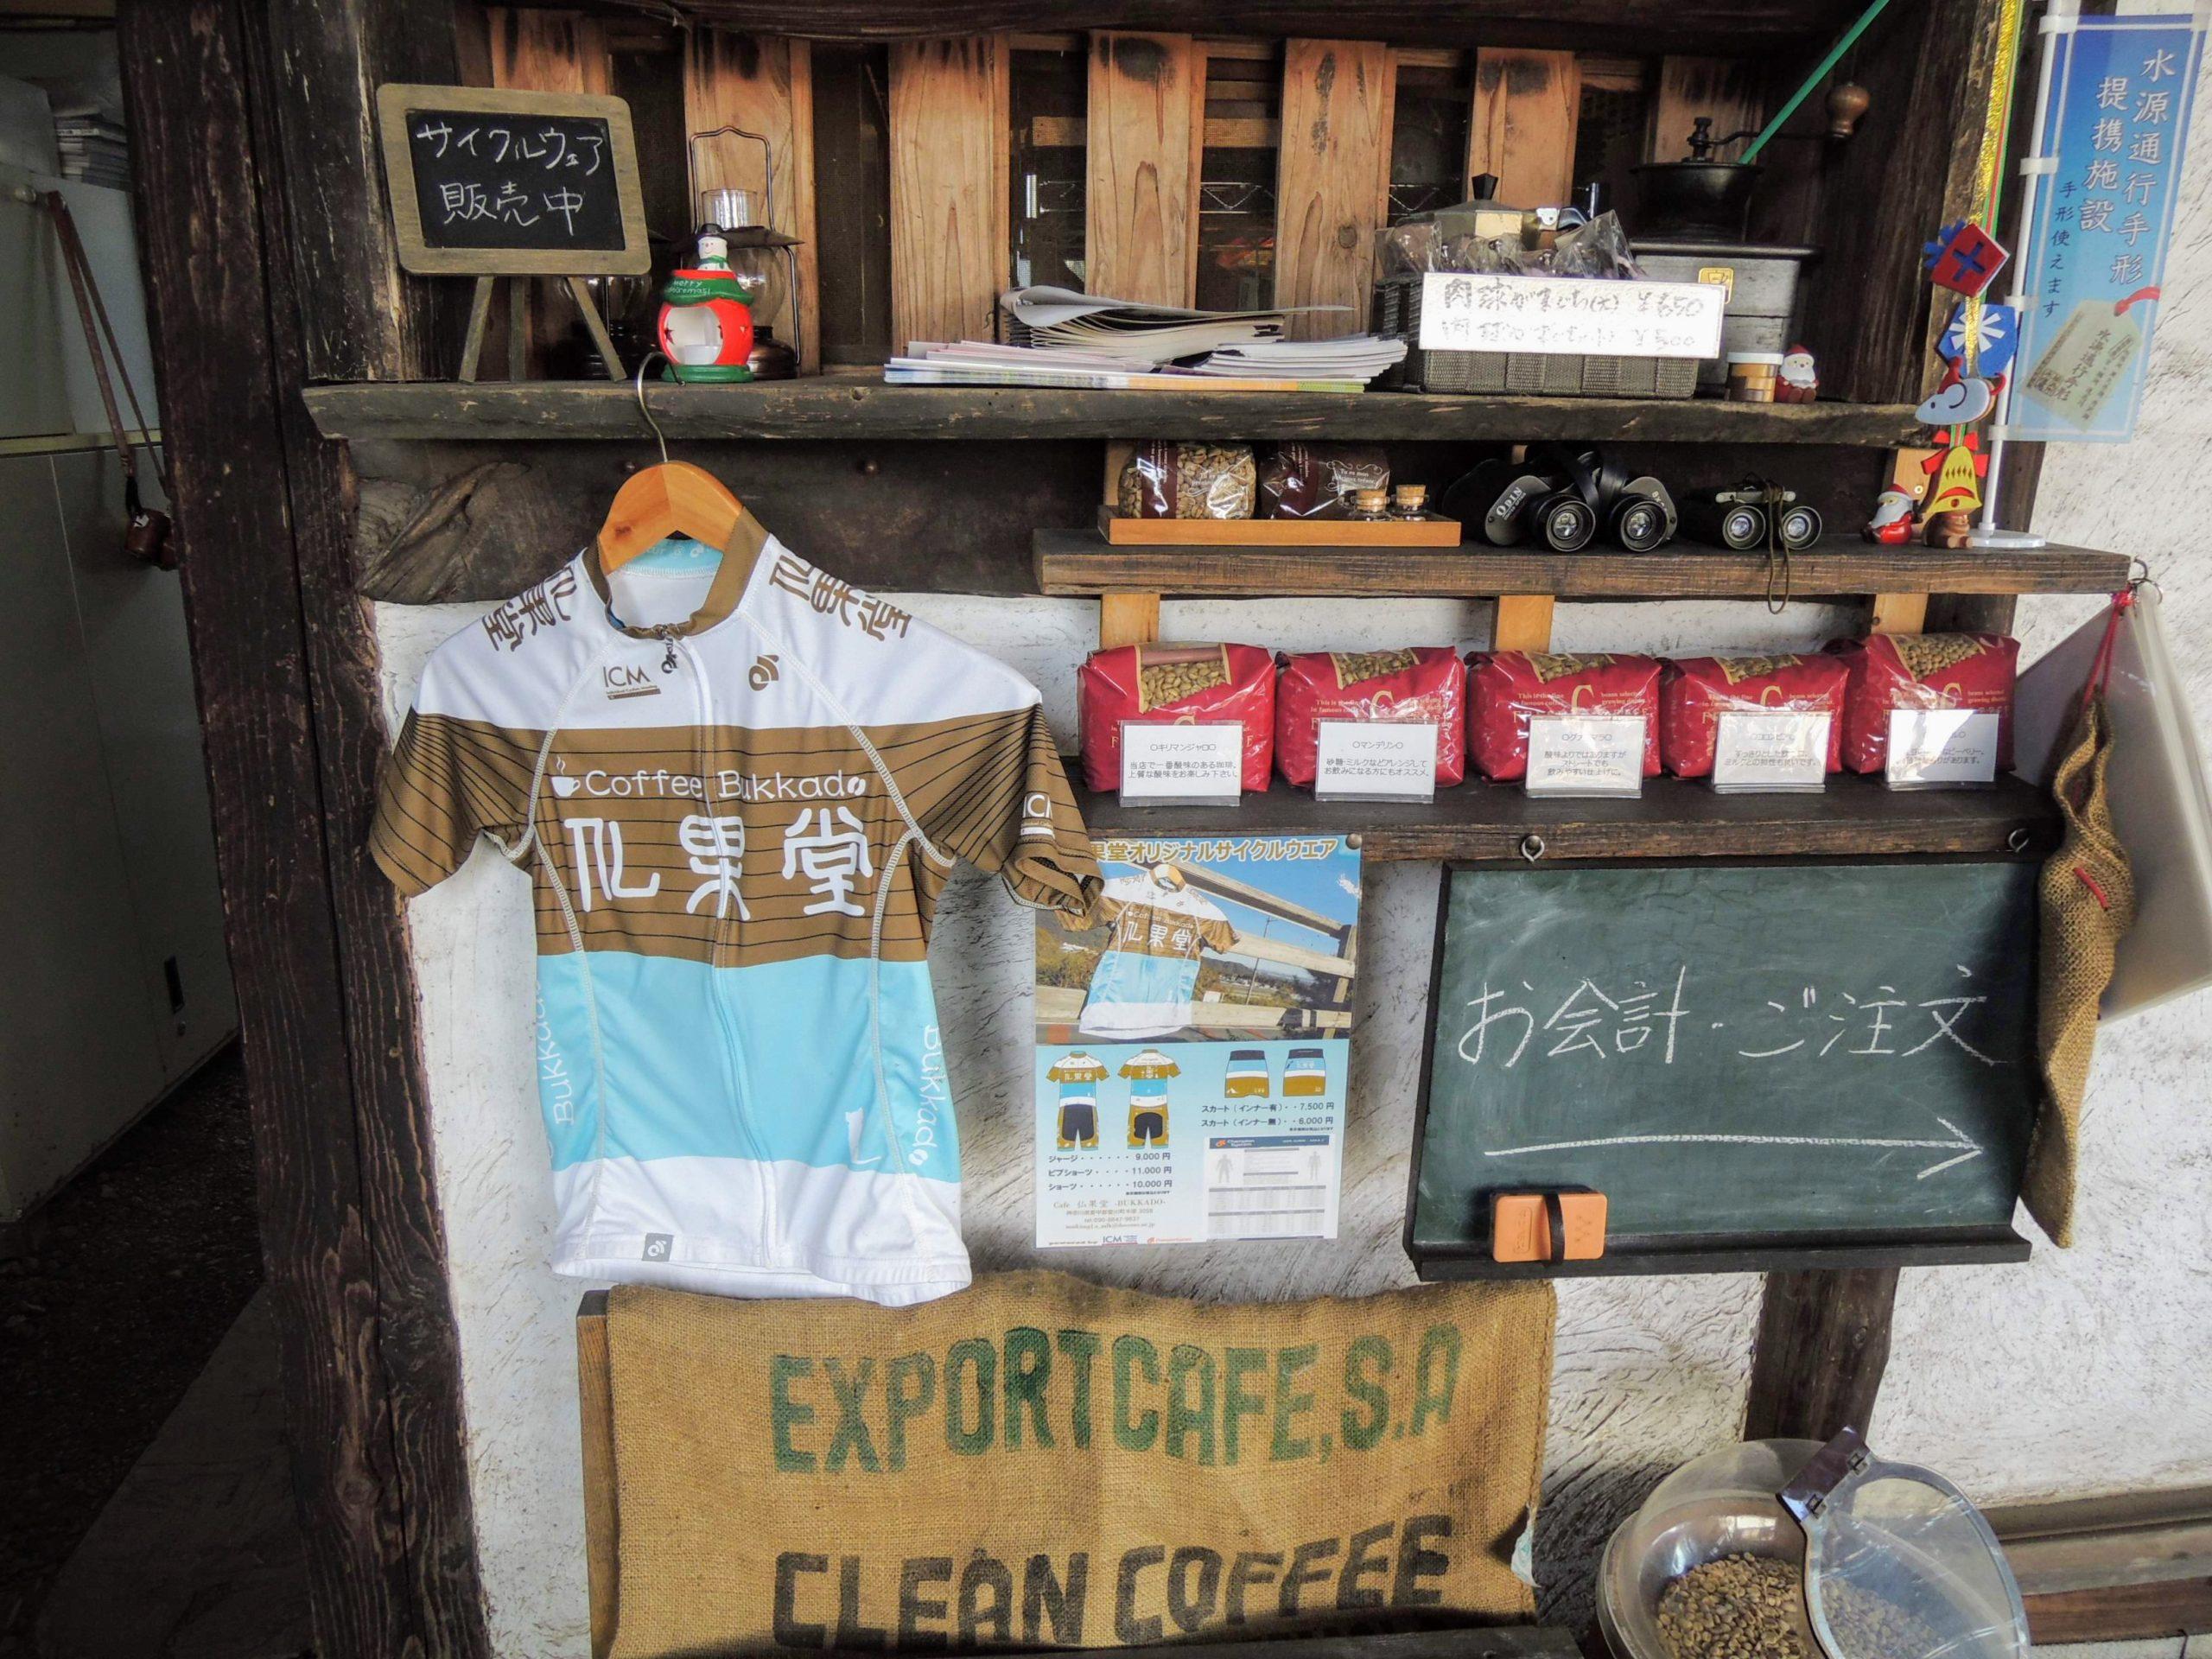 コーヒー豆やサイクルジャージも販売中